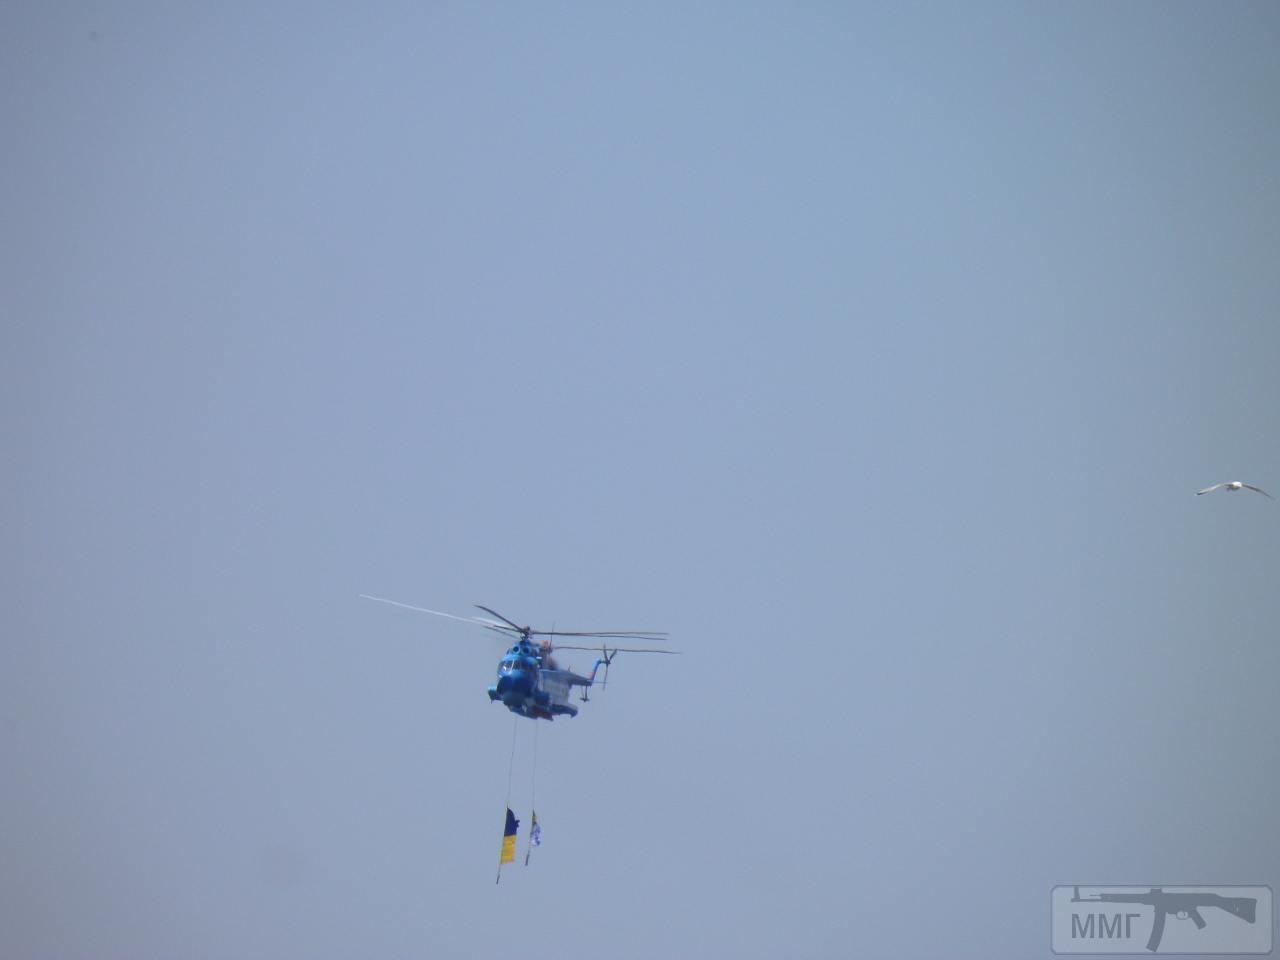 30396 - Военно-Морские Силы Вооруженных Сил Украины